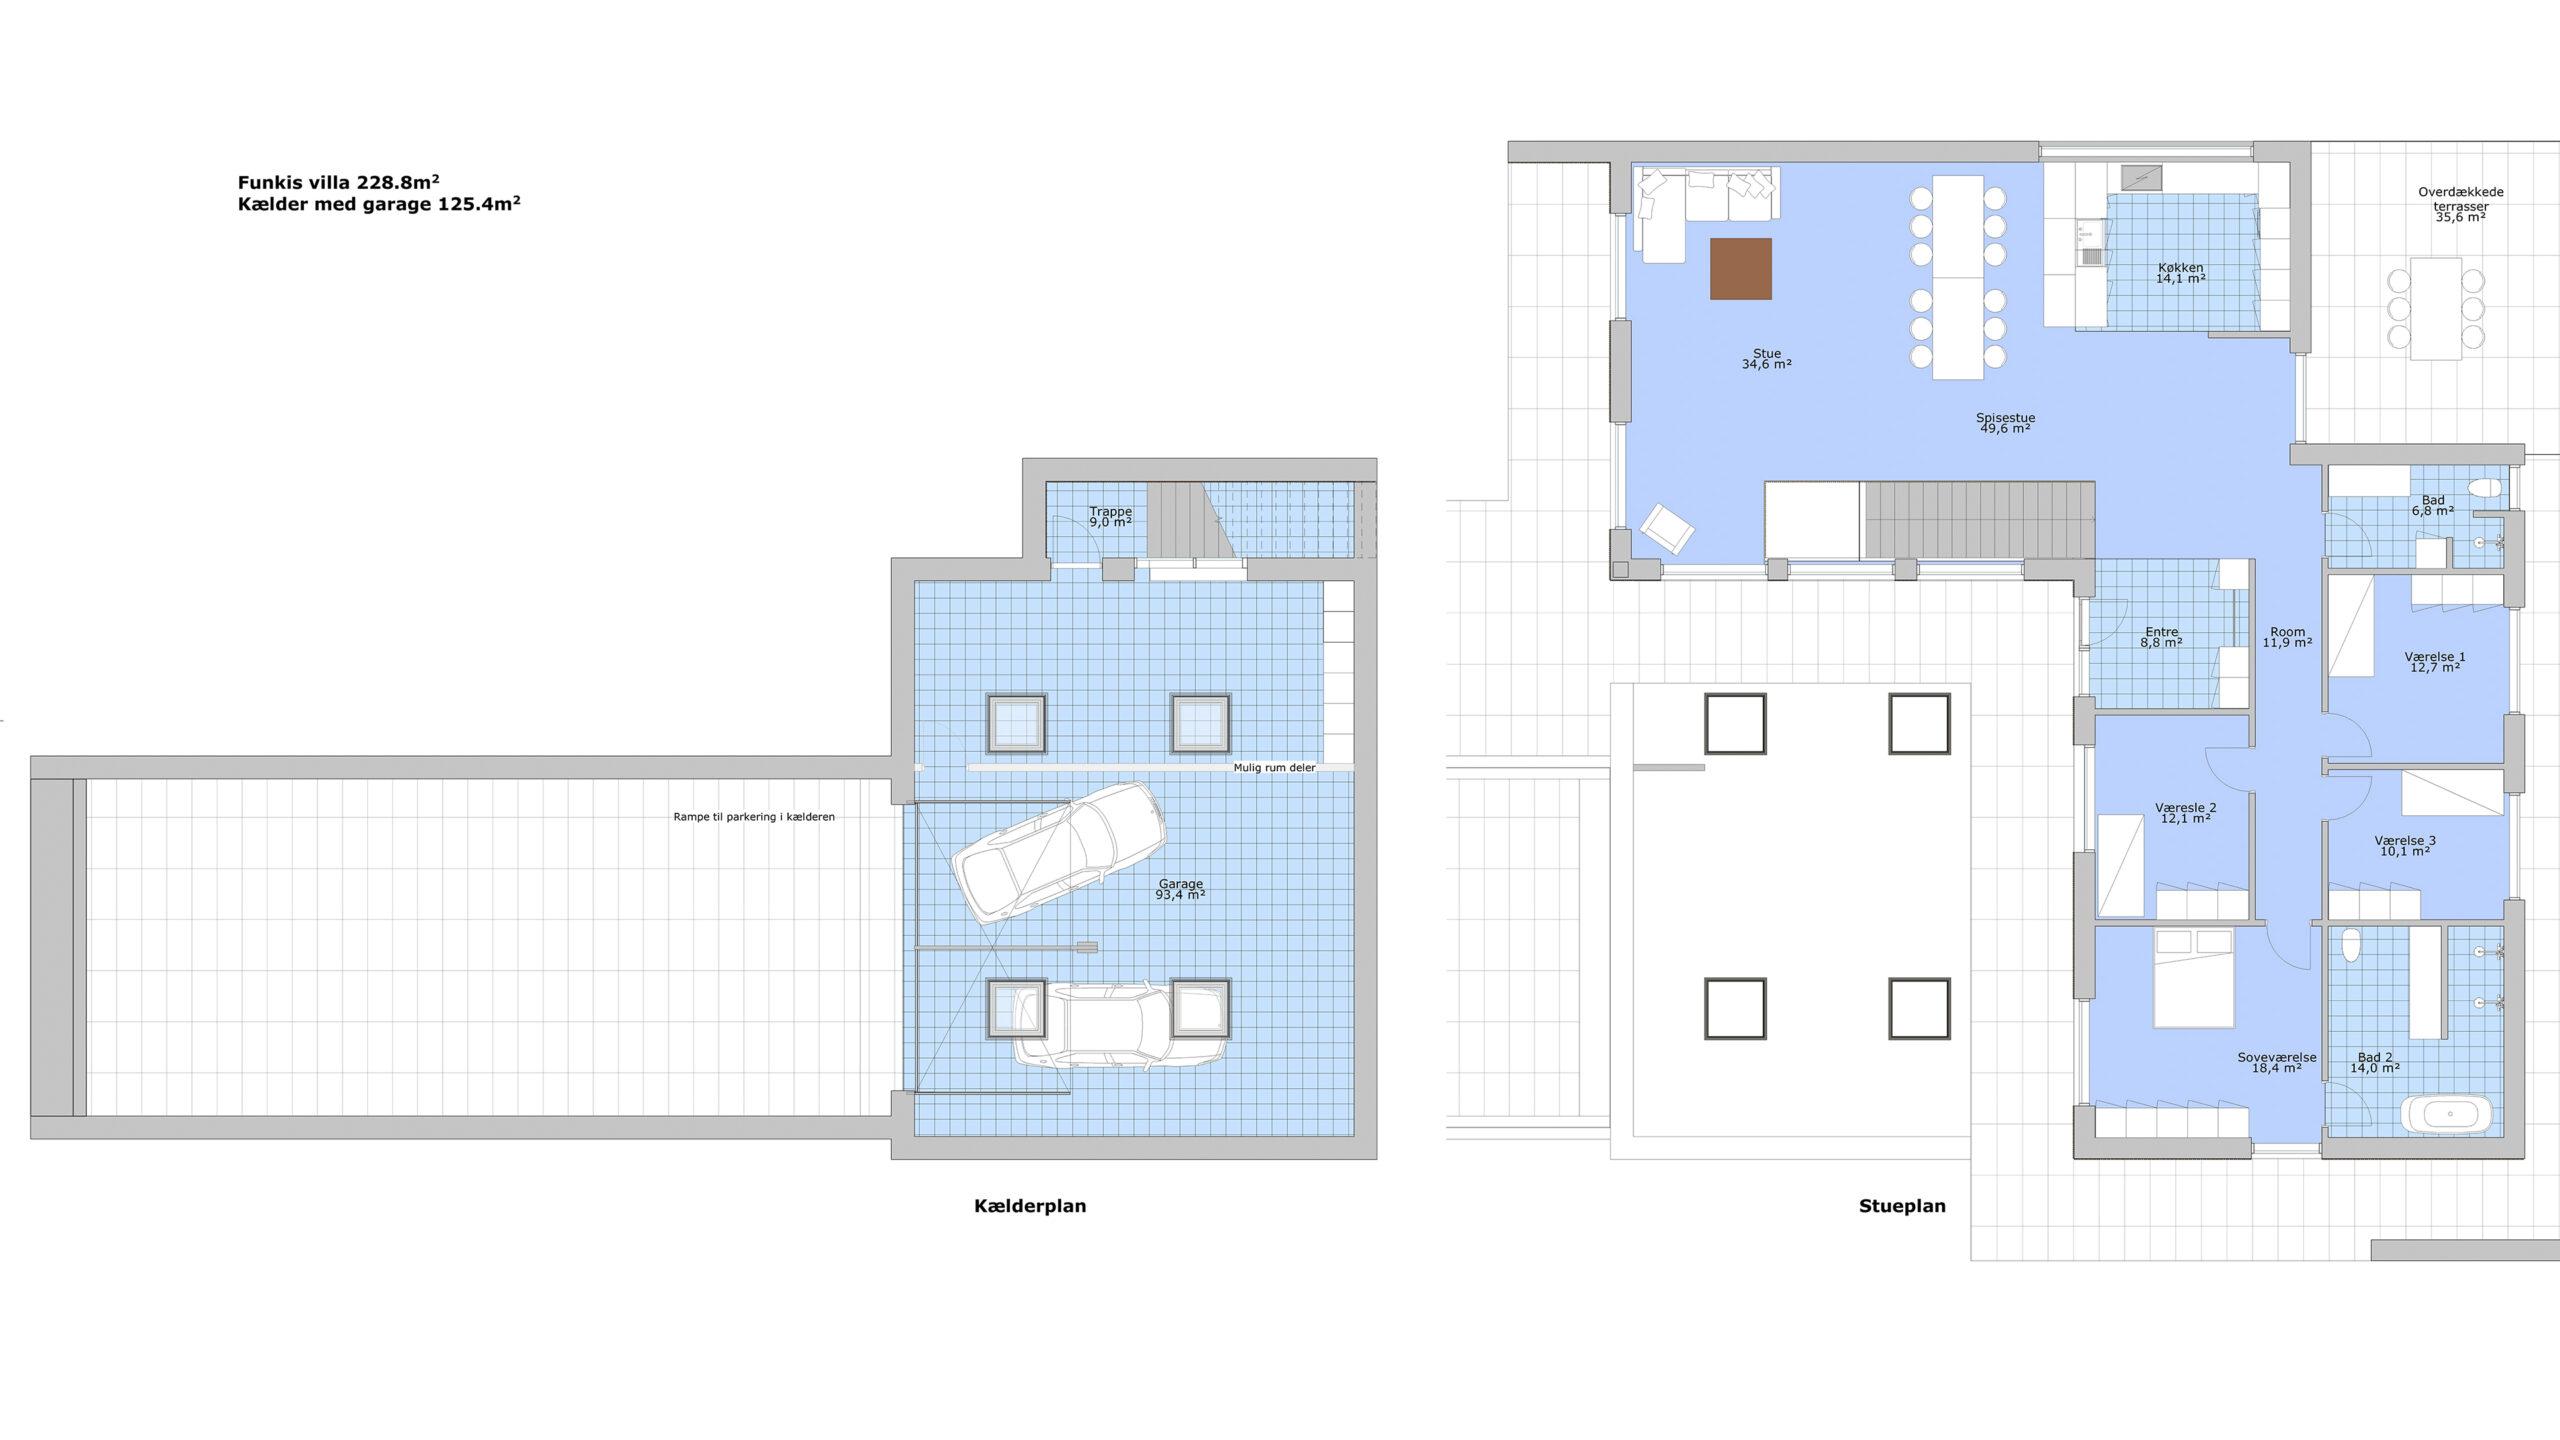 Ptoftdal - Stor hus - plantegning